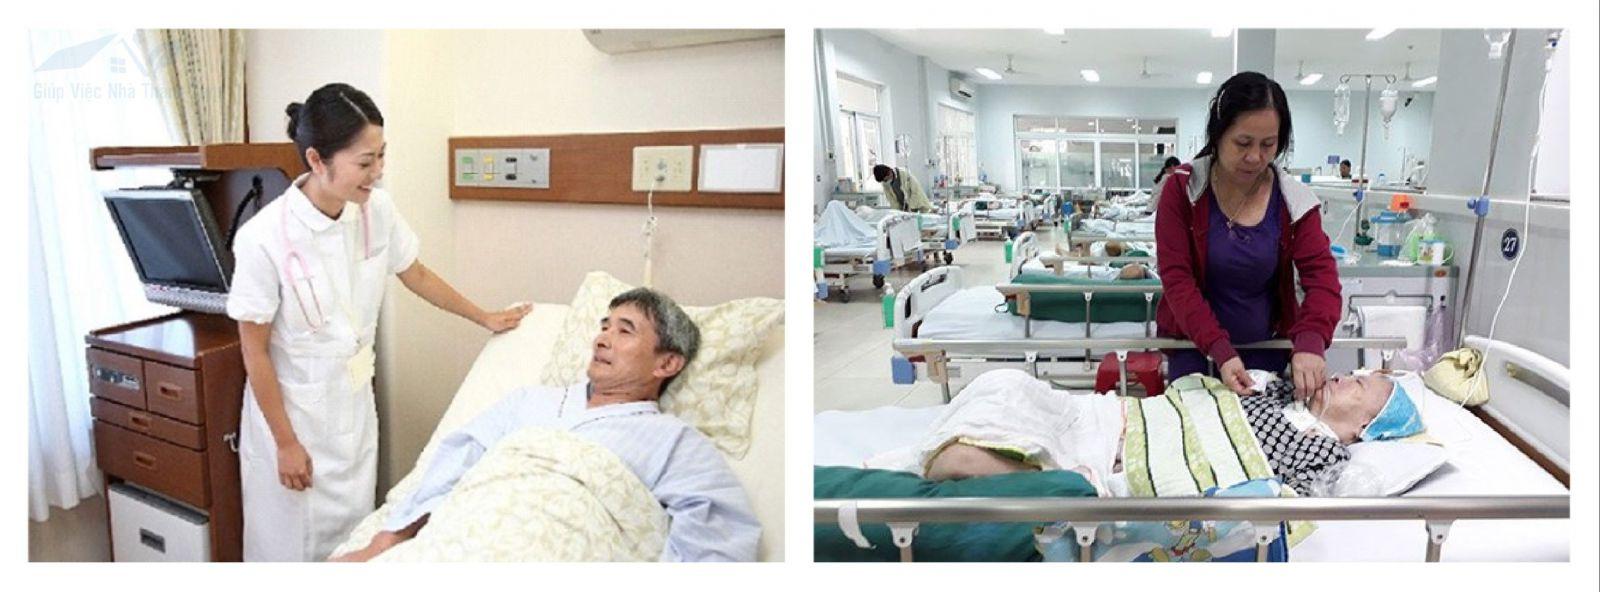 Giúp việc nuôi người bệnh tại quận 7